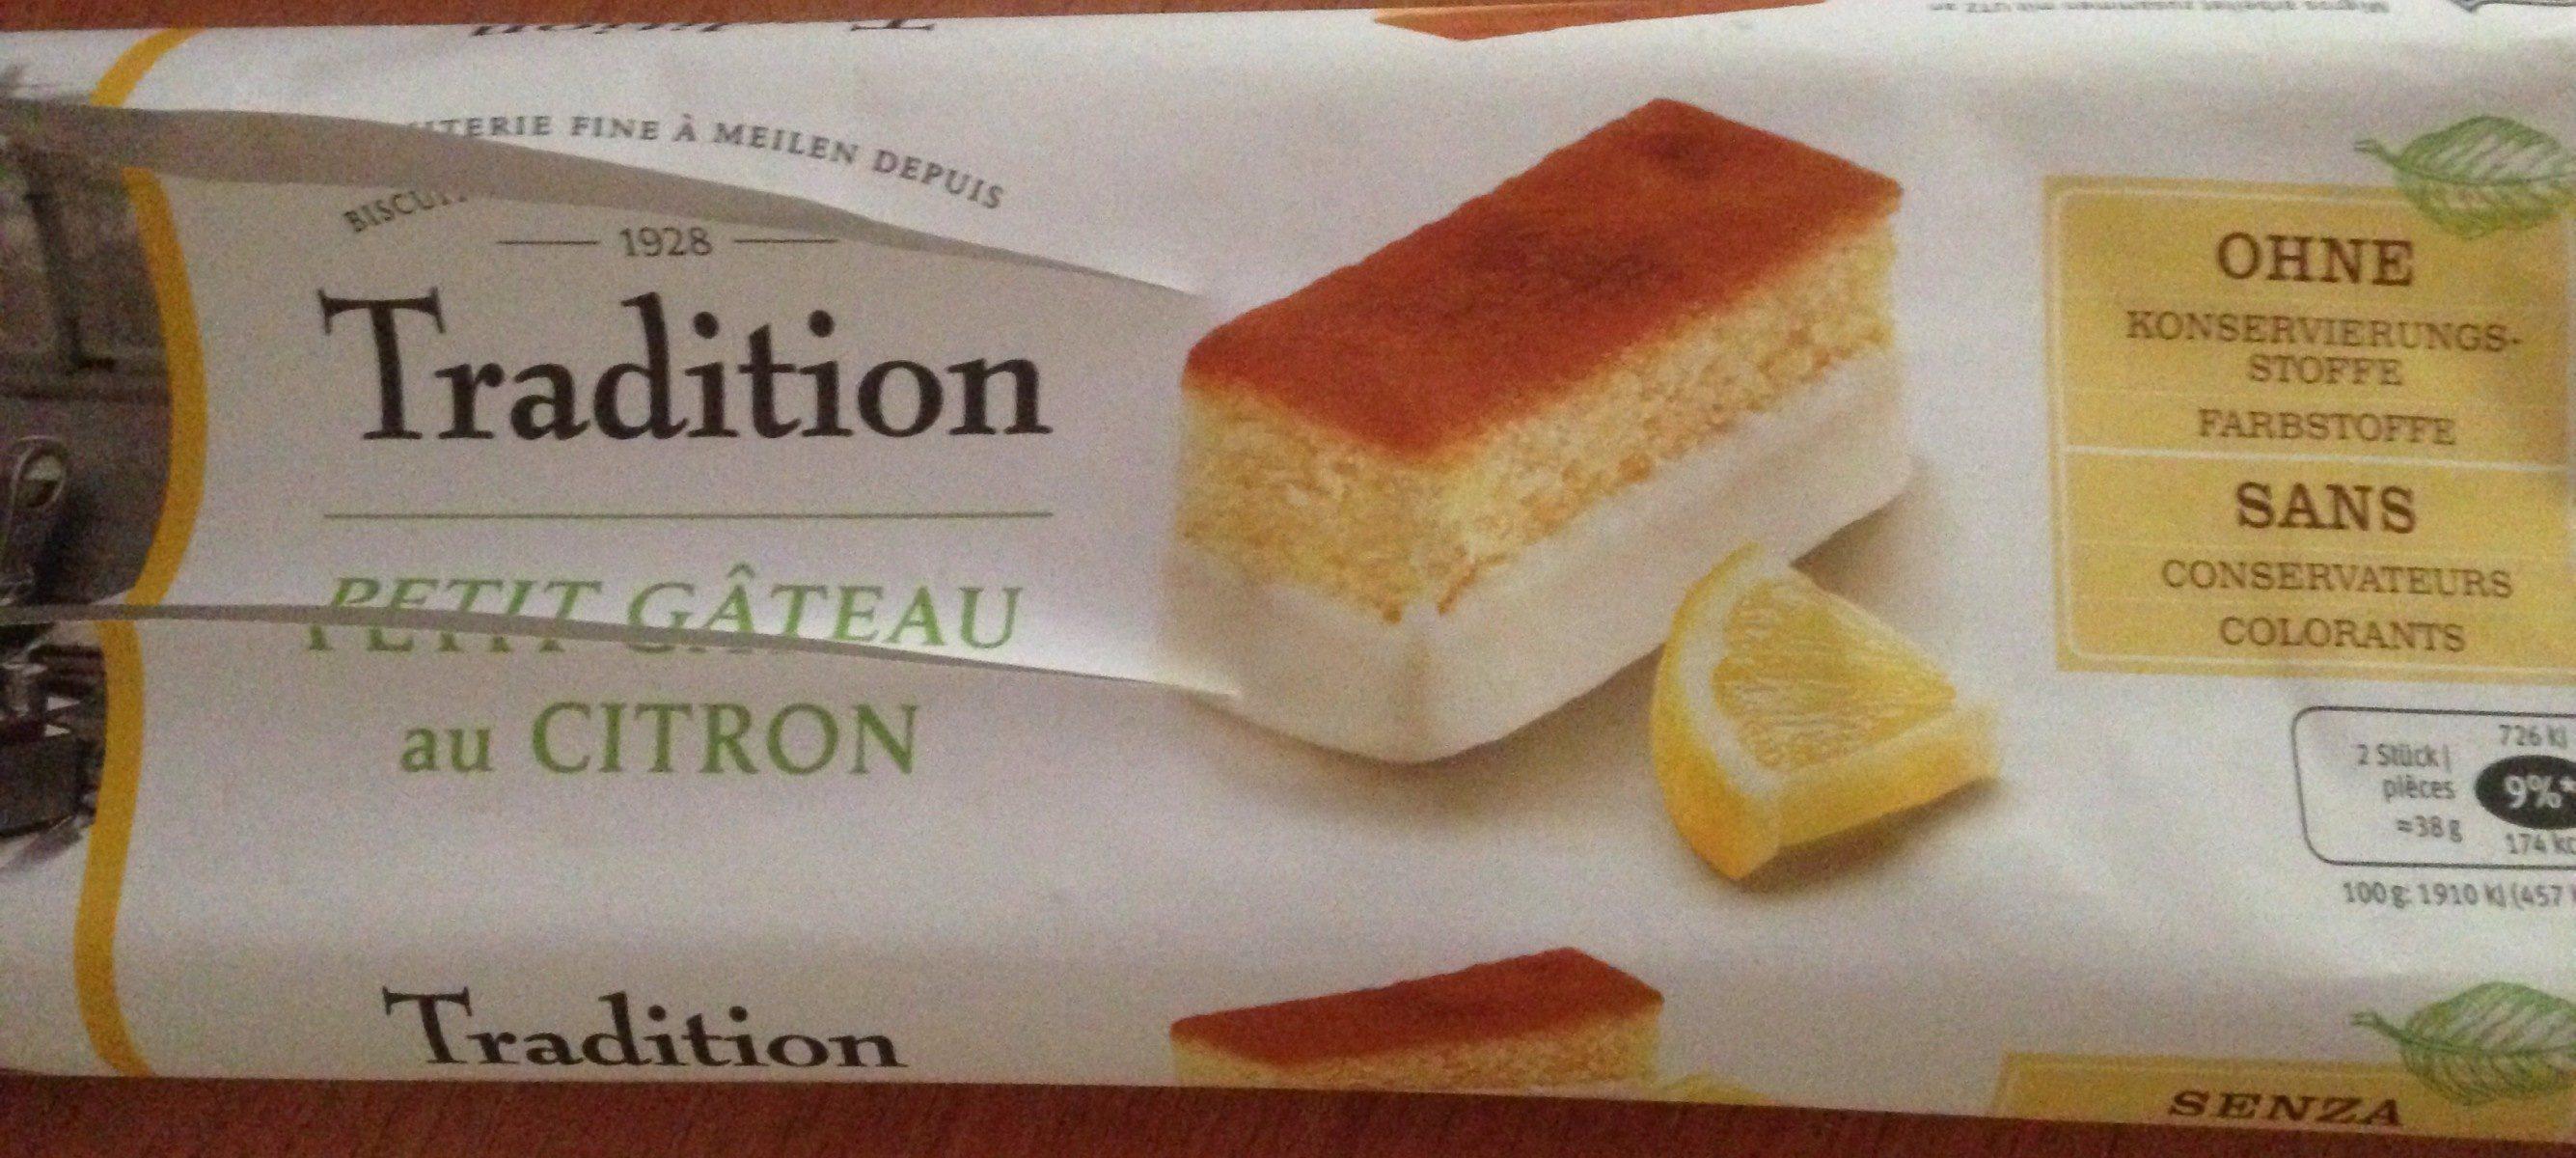 Petit gâteau au citron - Product